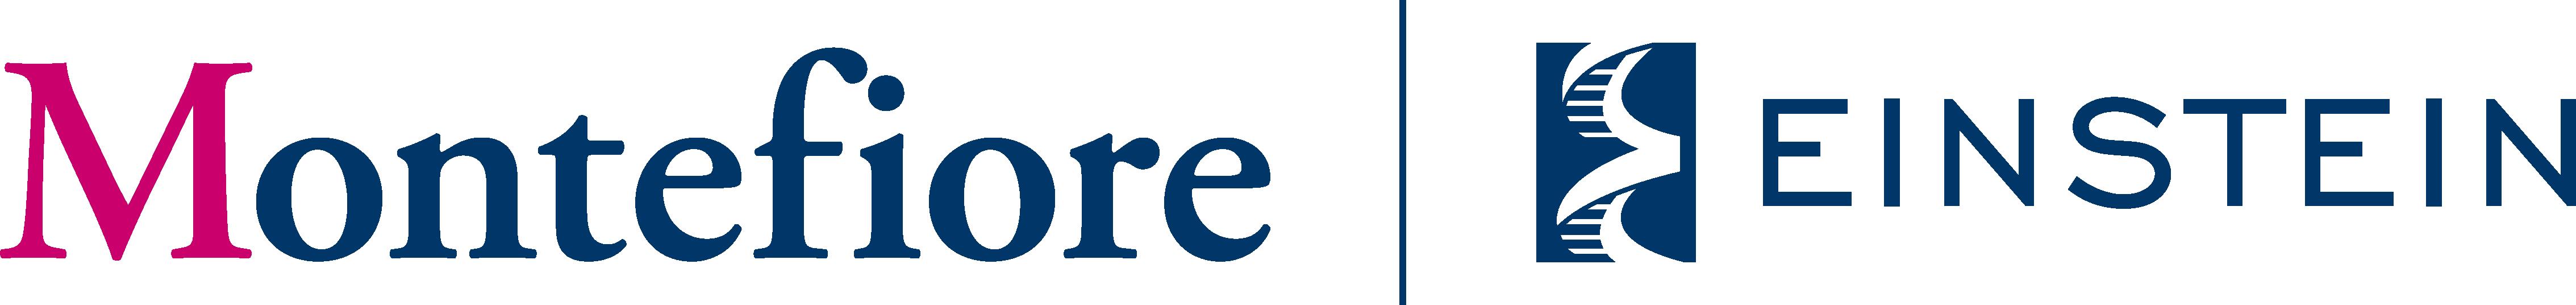 Montefiore-Einstein En Espanol Logo